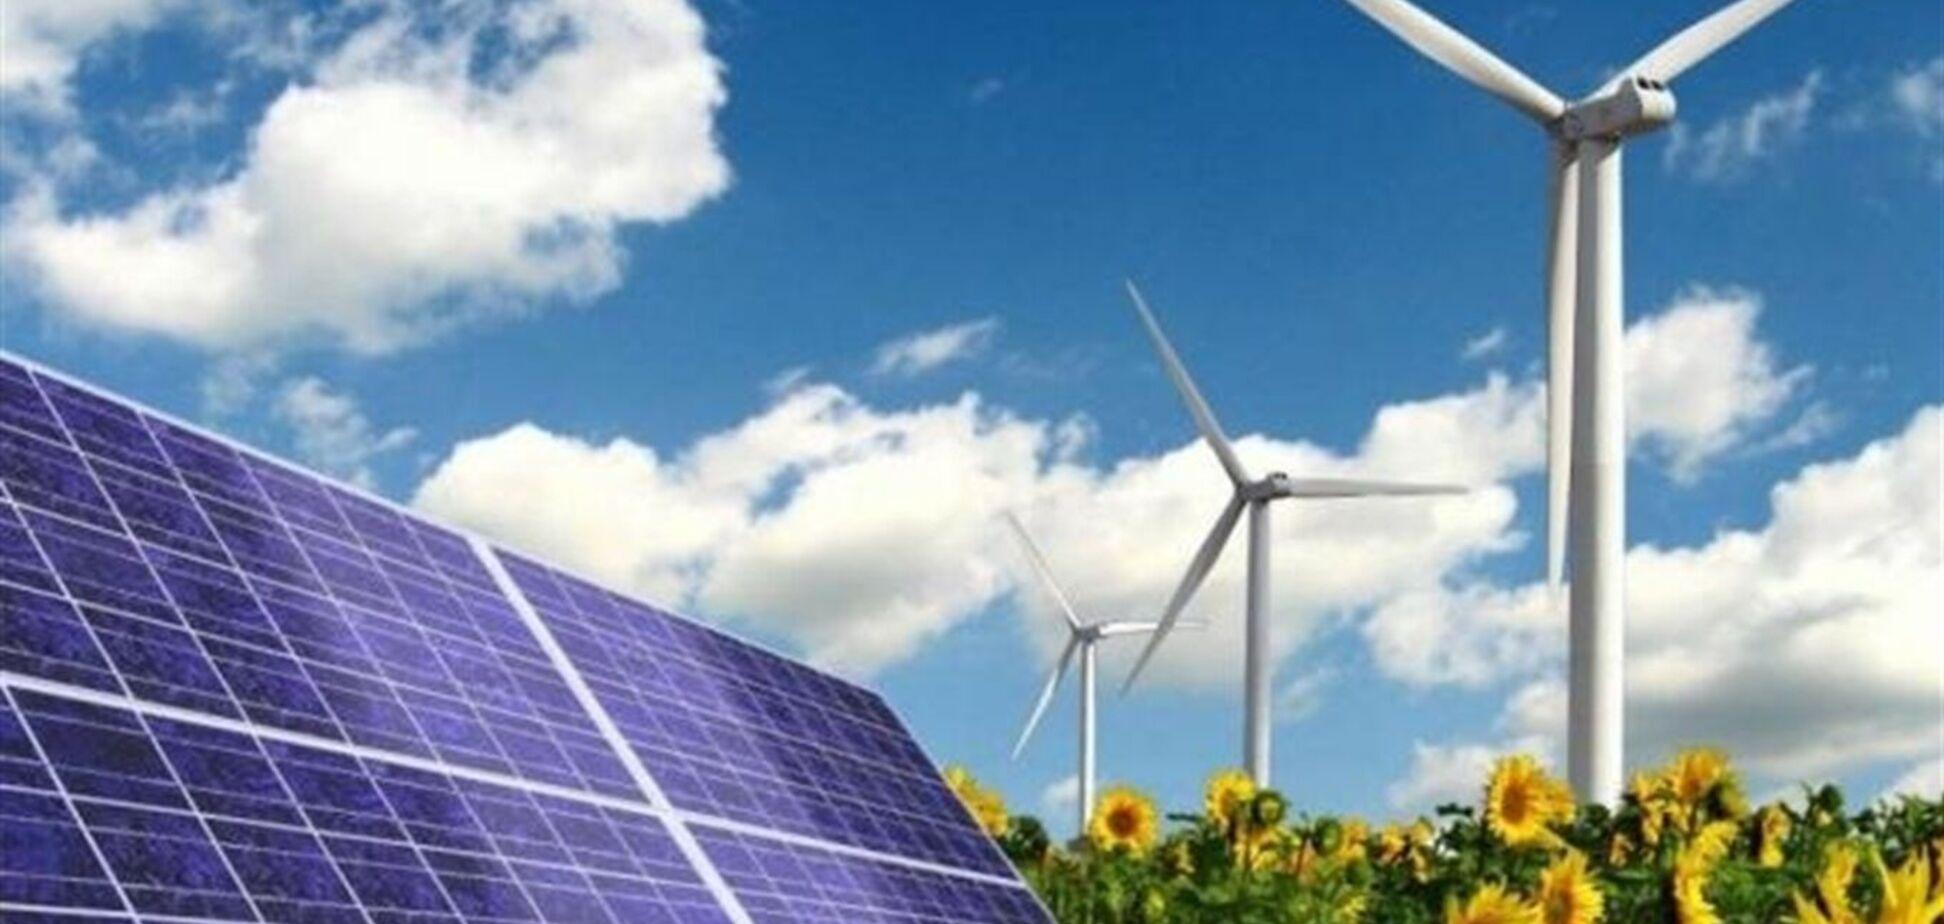 Украина пошла против ЕС, остановив выплату долгов за 'зеленую' энергию, – Гончаренко